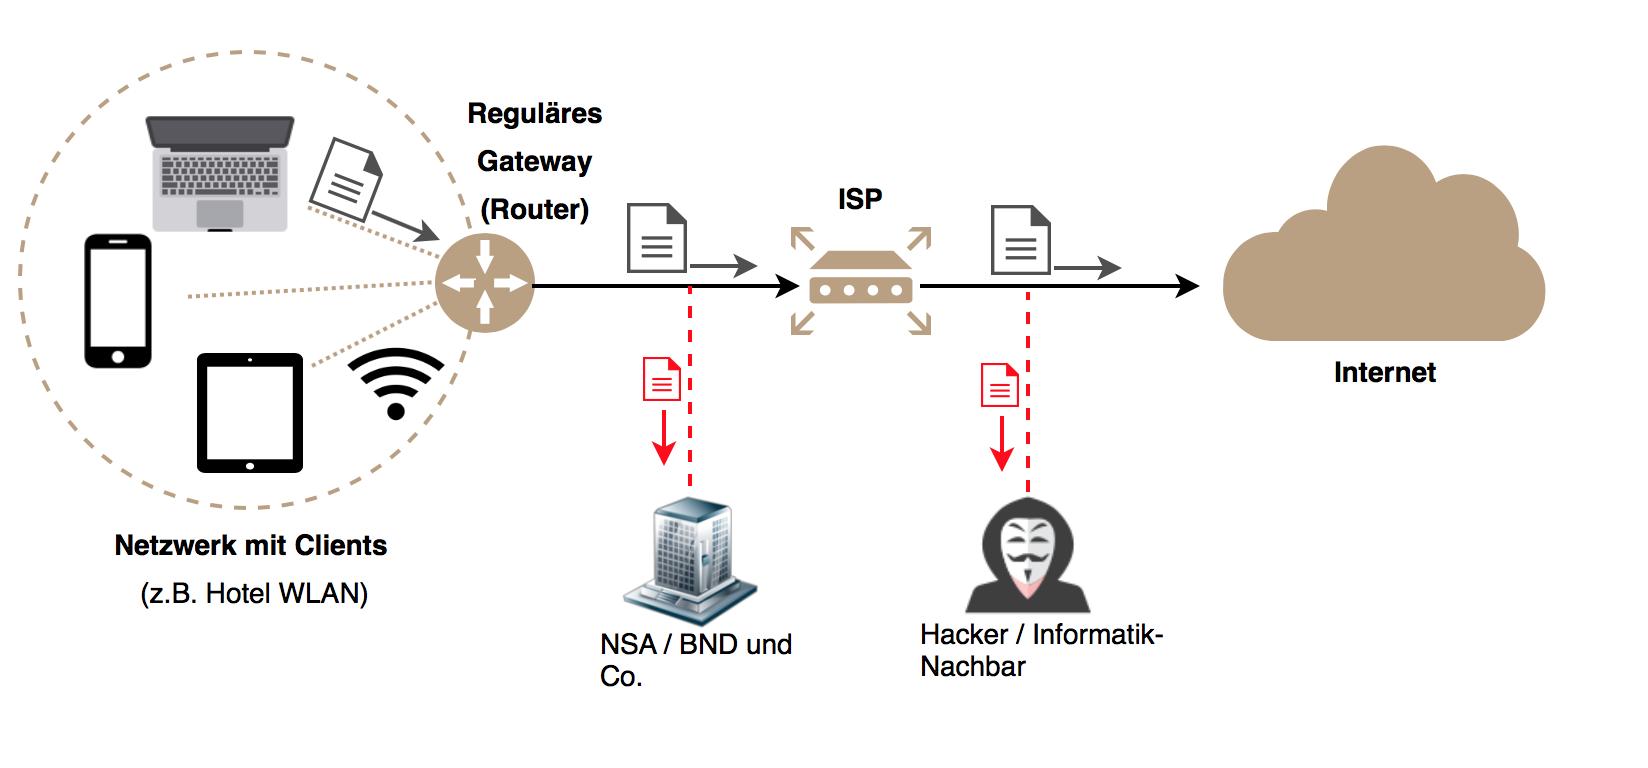 Ein reguläres öffentliches WLAN Netzwerk ohne VPN Verbindung